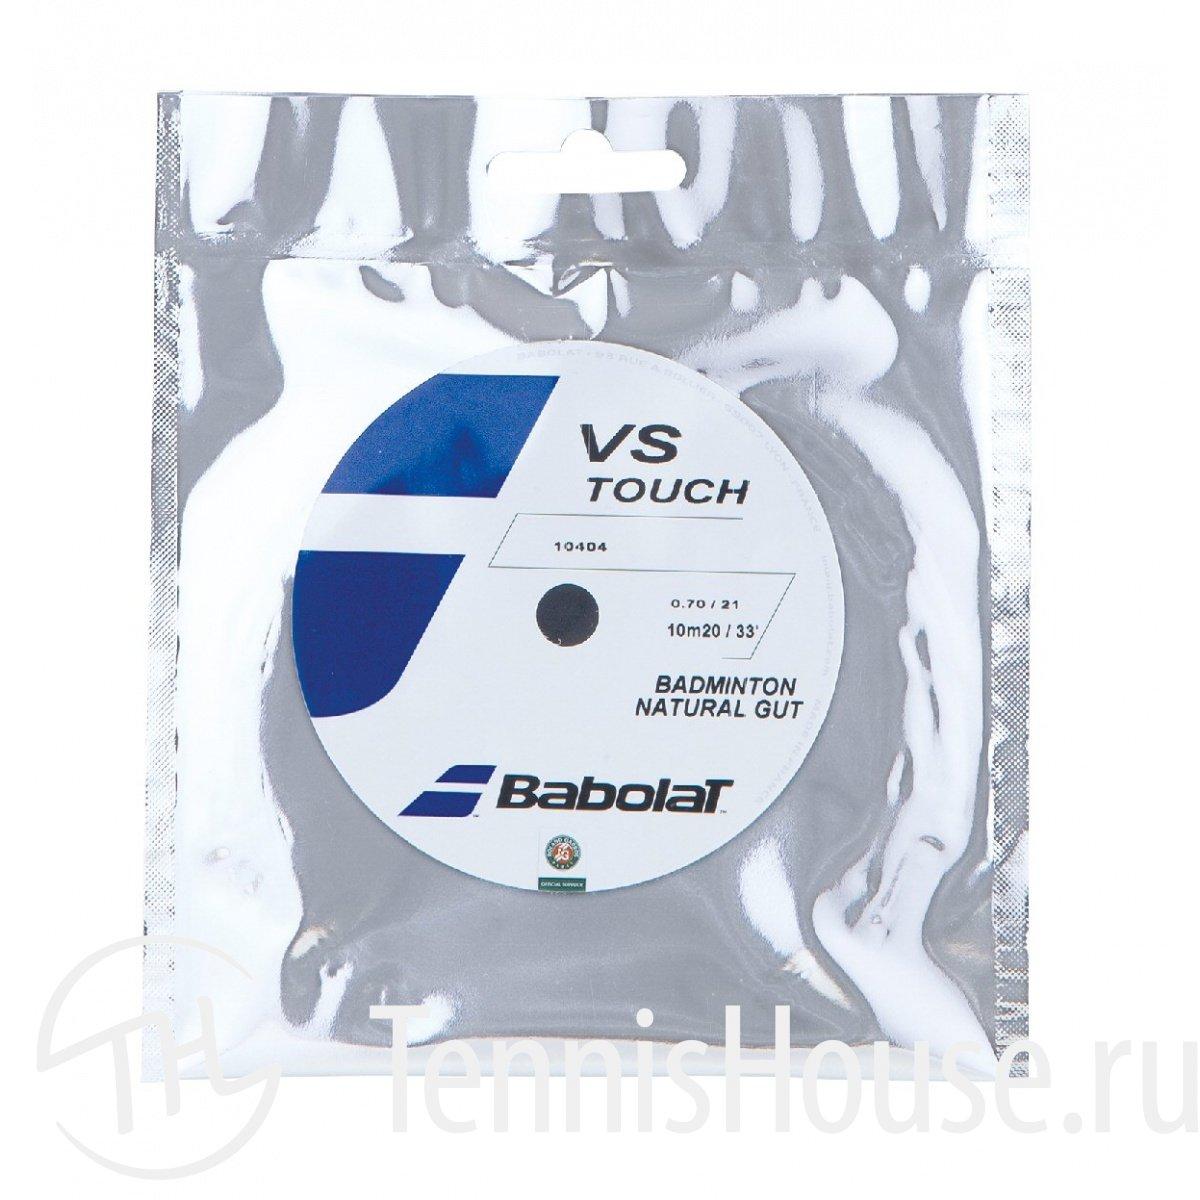 Babolat VS Touch 2000 202000